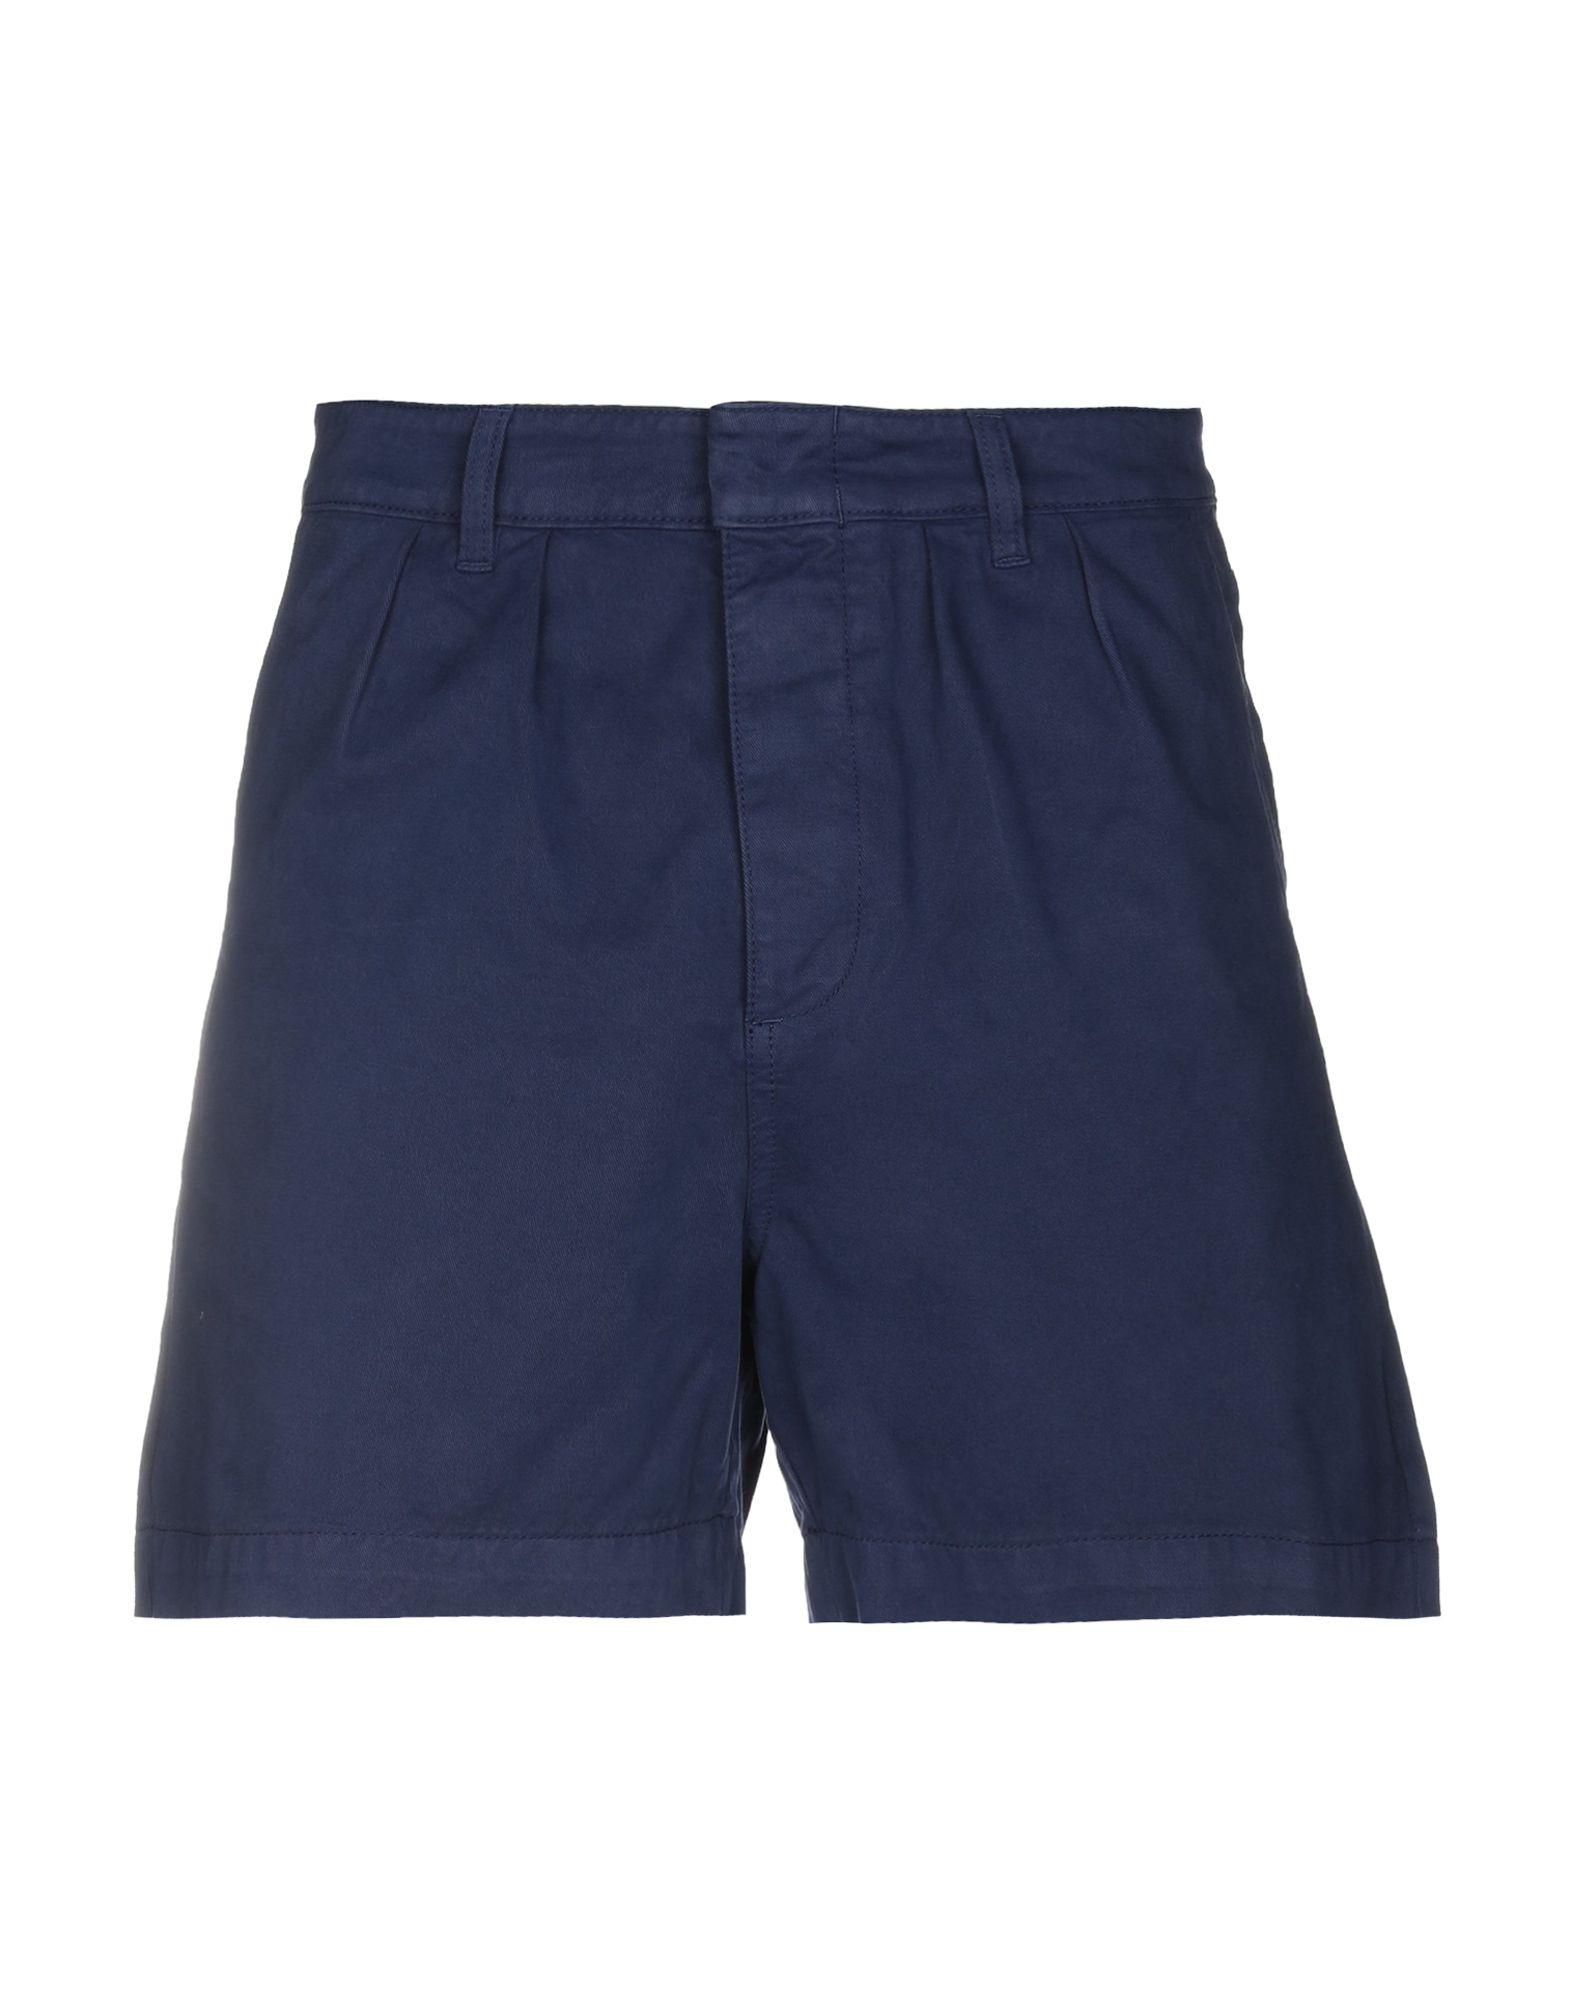 《送料無料》PAURA メンズ ショートパンツ ブルー S コットン 100%